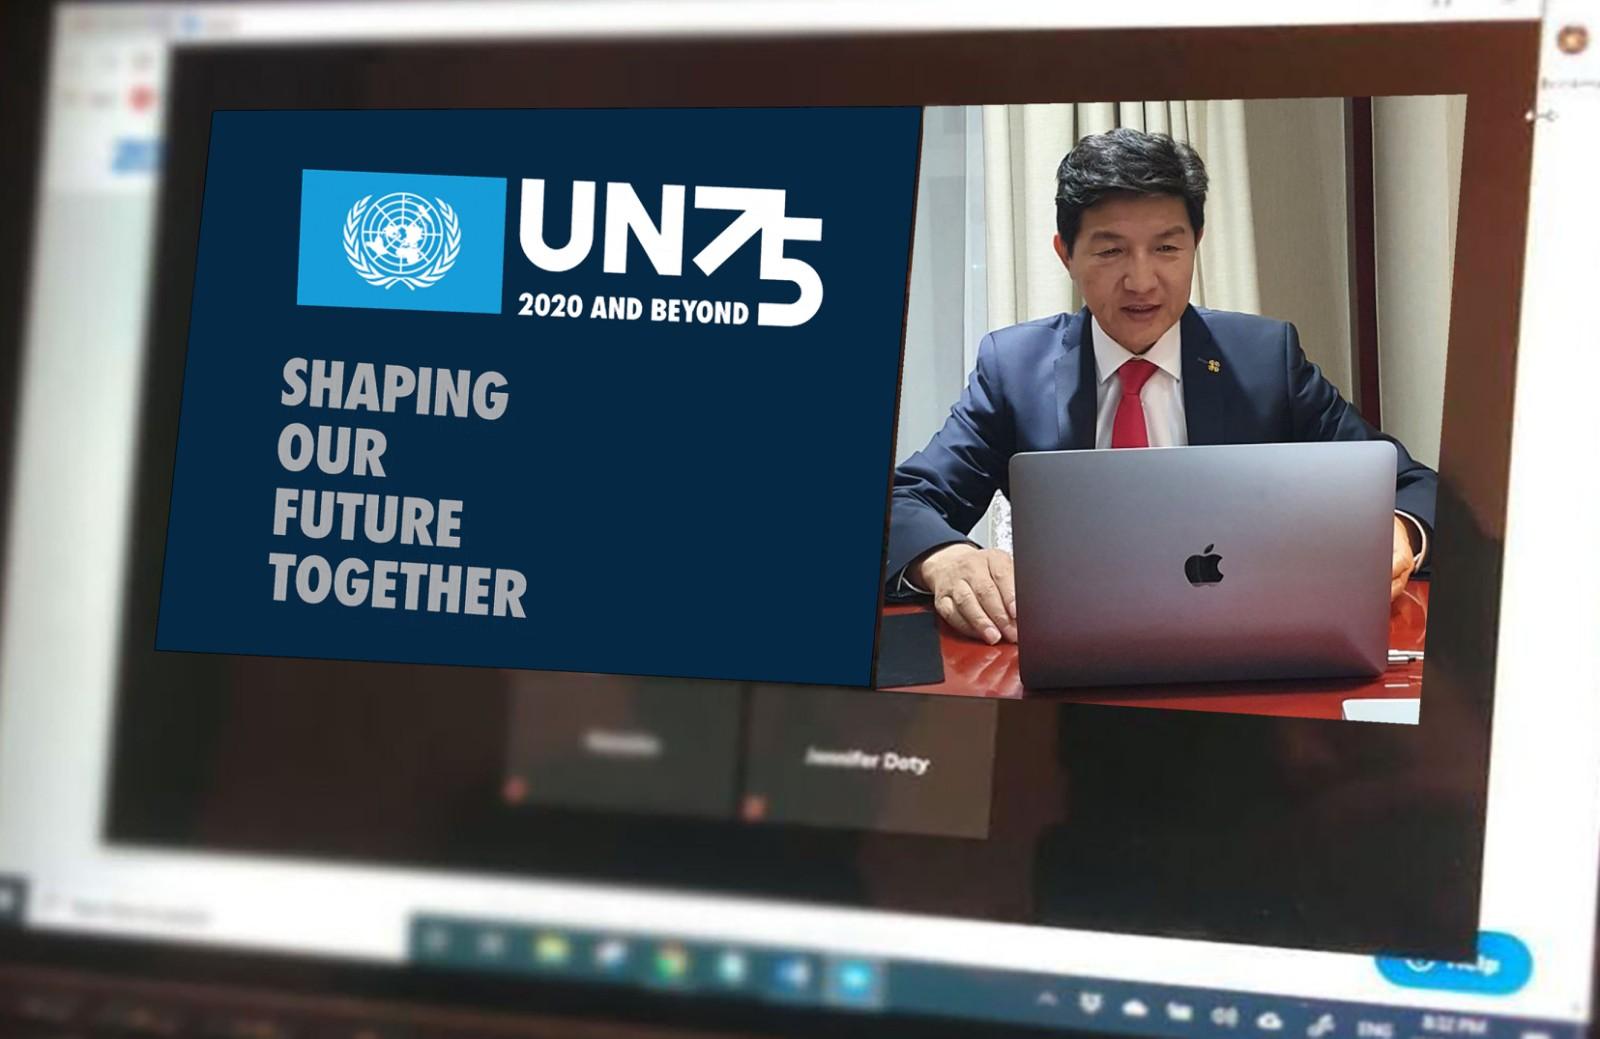 НҮБ-д Монгол Улс гишүүнээр элссэн нь Монголын түүхэн дэх хамгийн том үйл явдлуудын нэг мөн